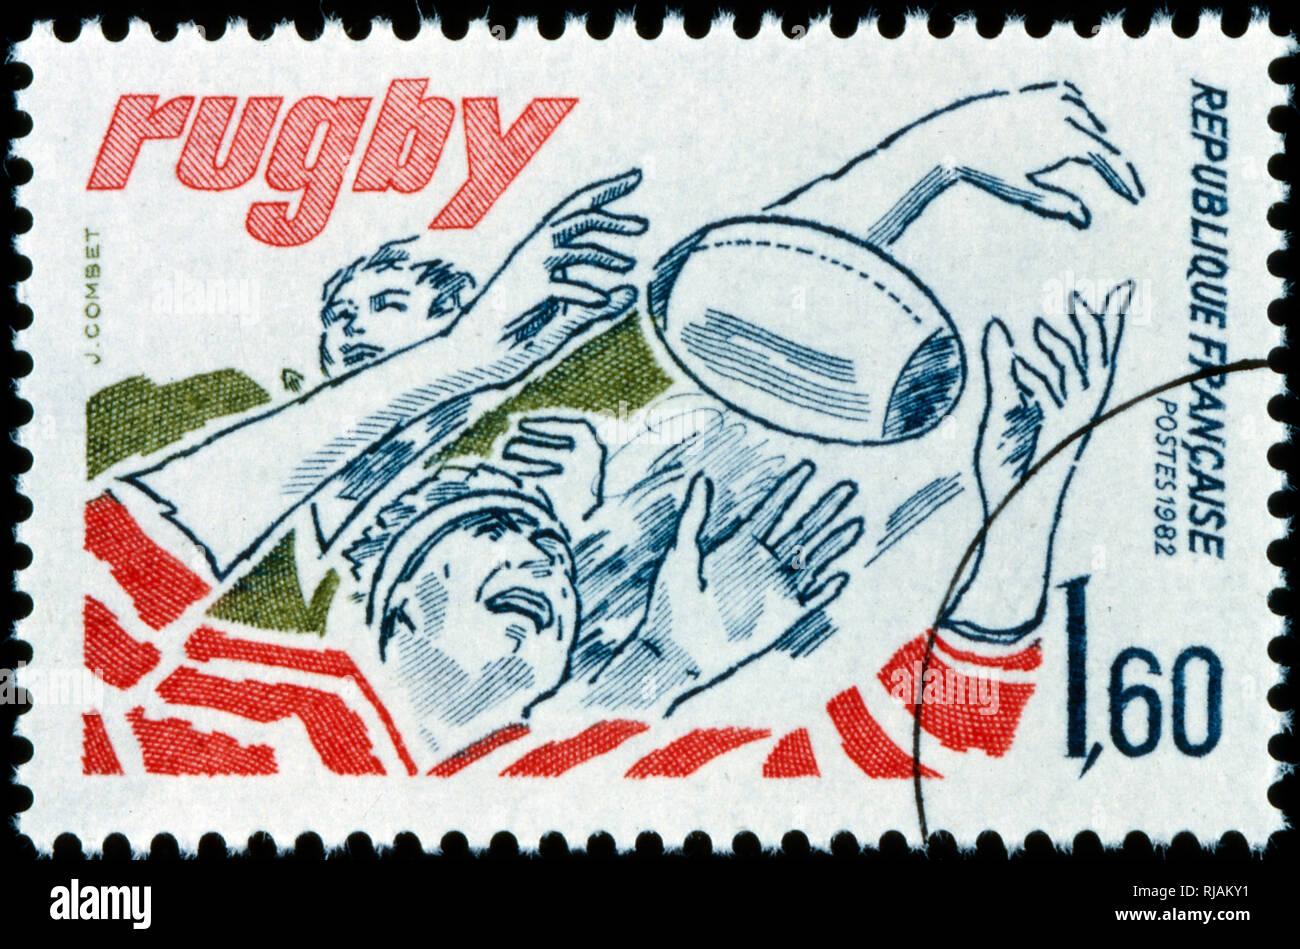 Timbre-poste français commémorant le sport du rugby. 1982 Photo Stock